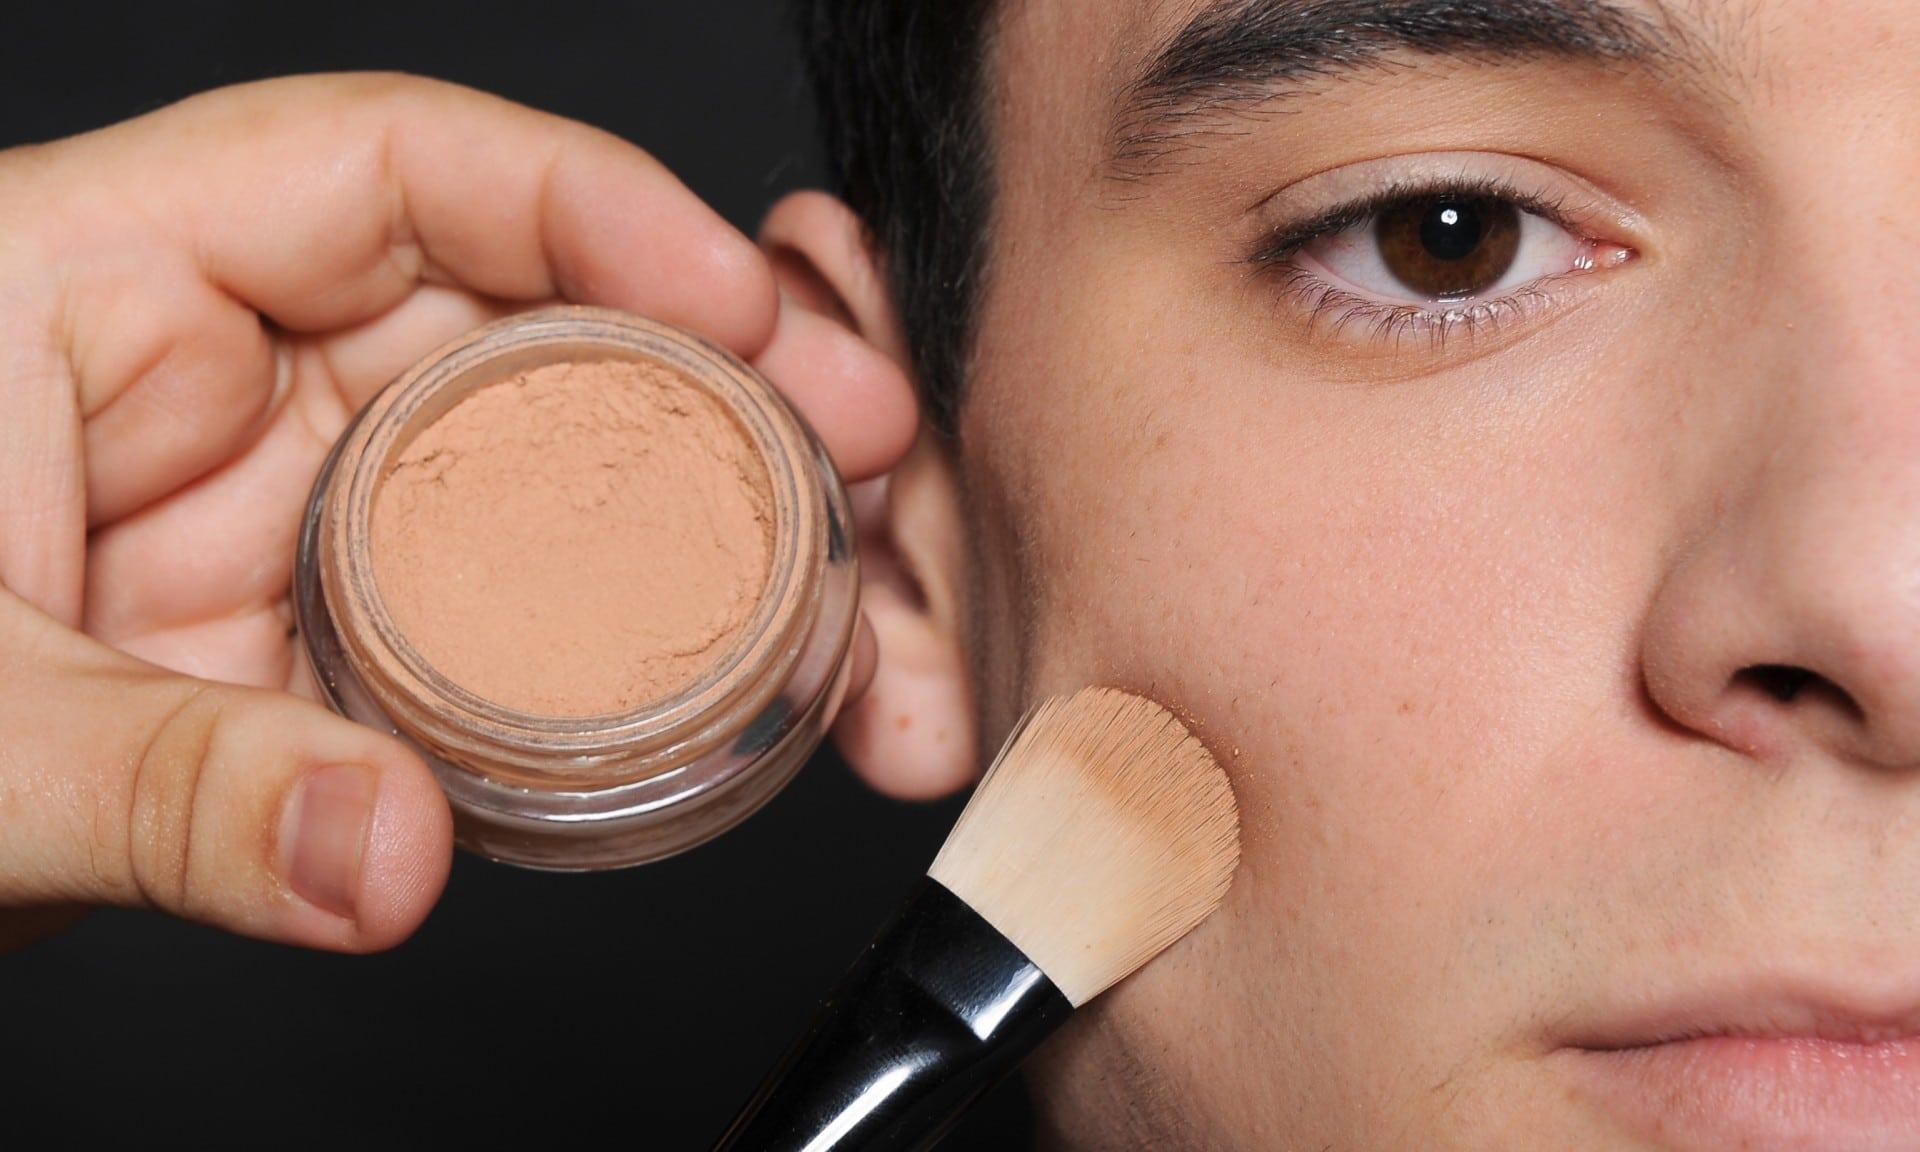 como afinar o rosto masculino maquiagem